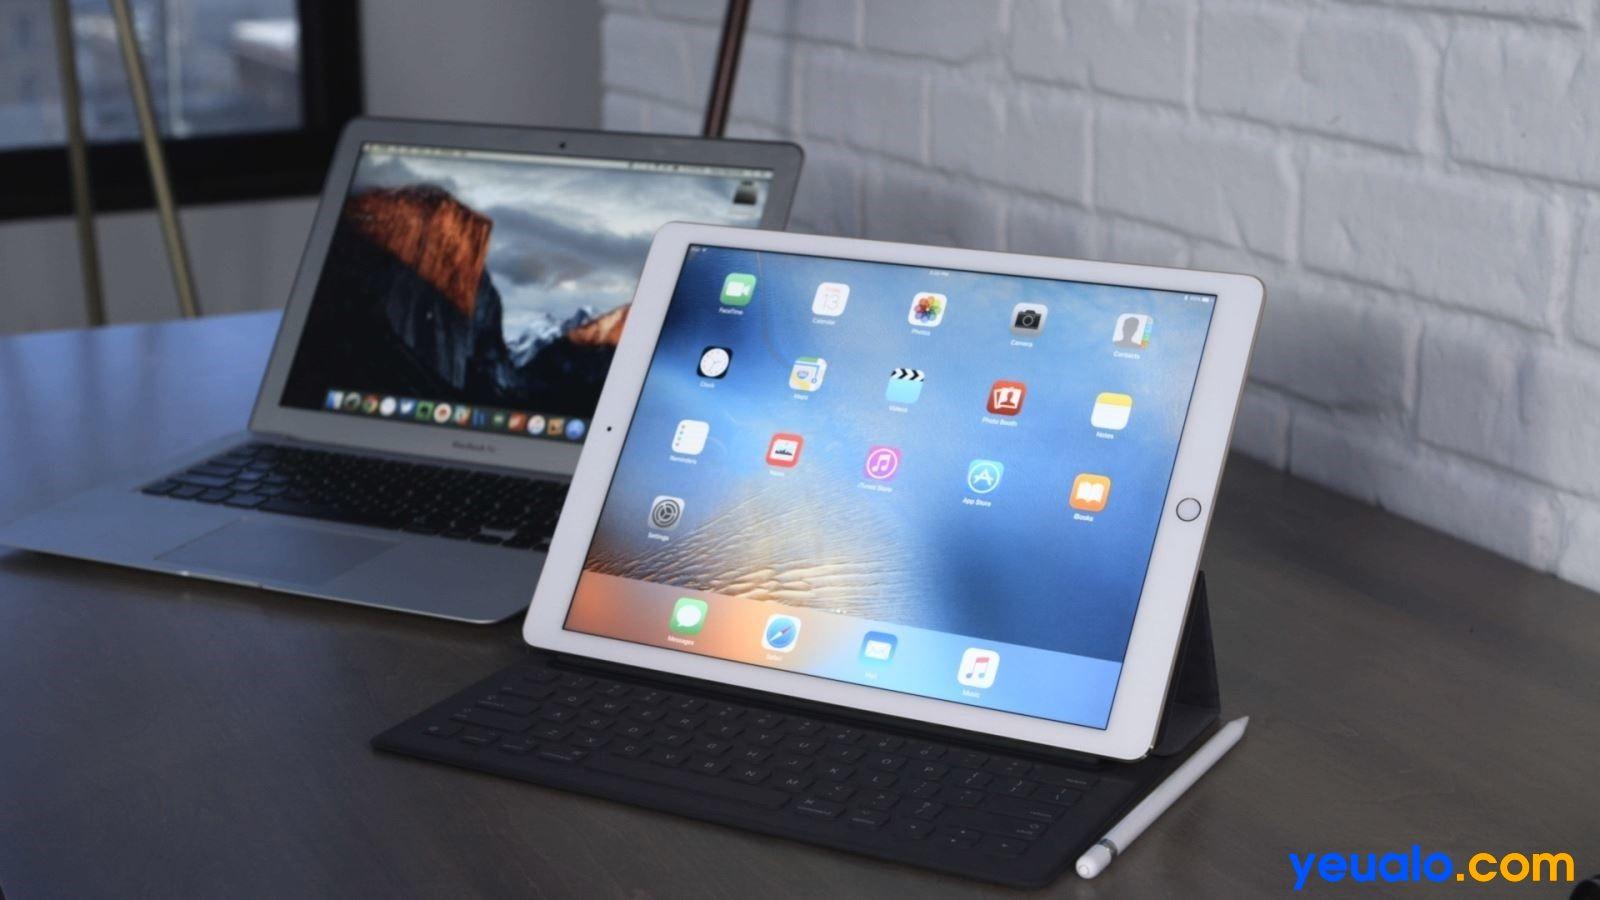 Mở khóa iPad khi quên mật khẩu nhanh chóng nhờ chế độ Recovery Mode